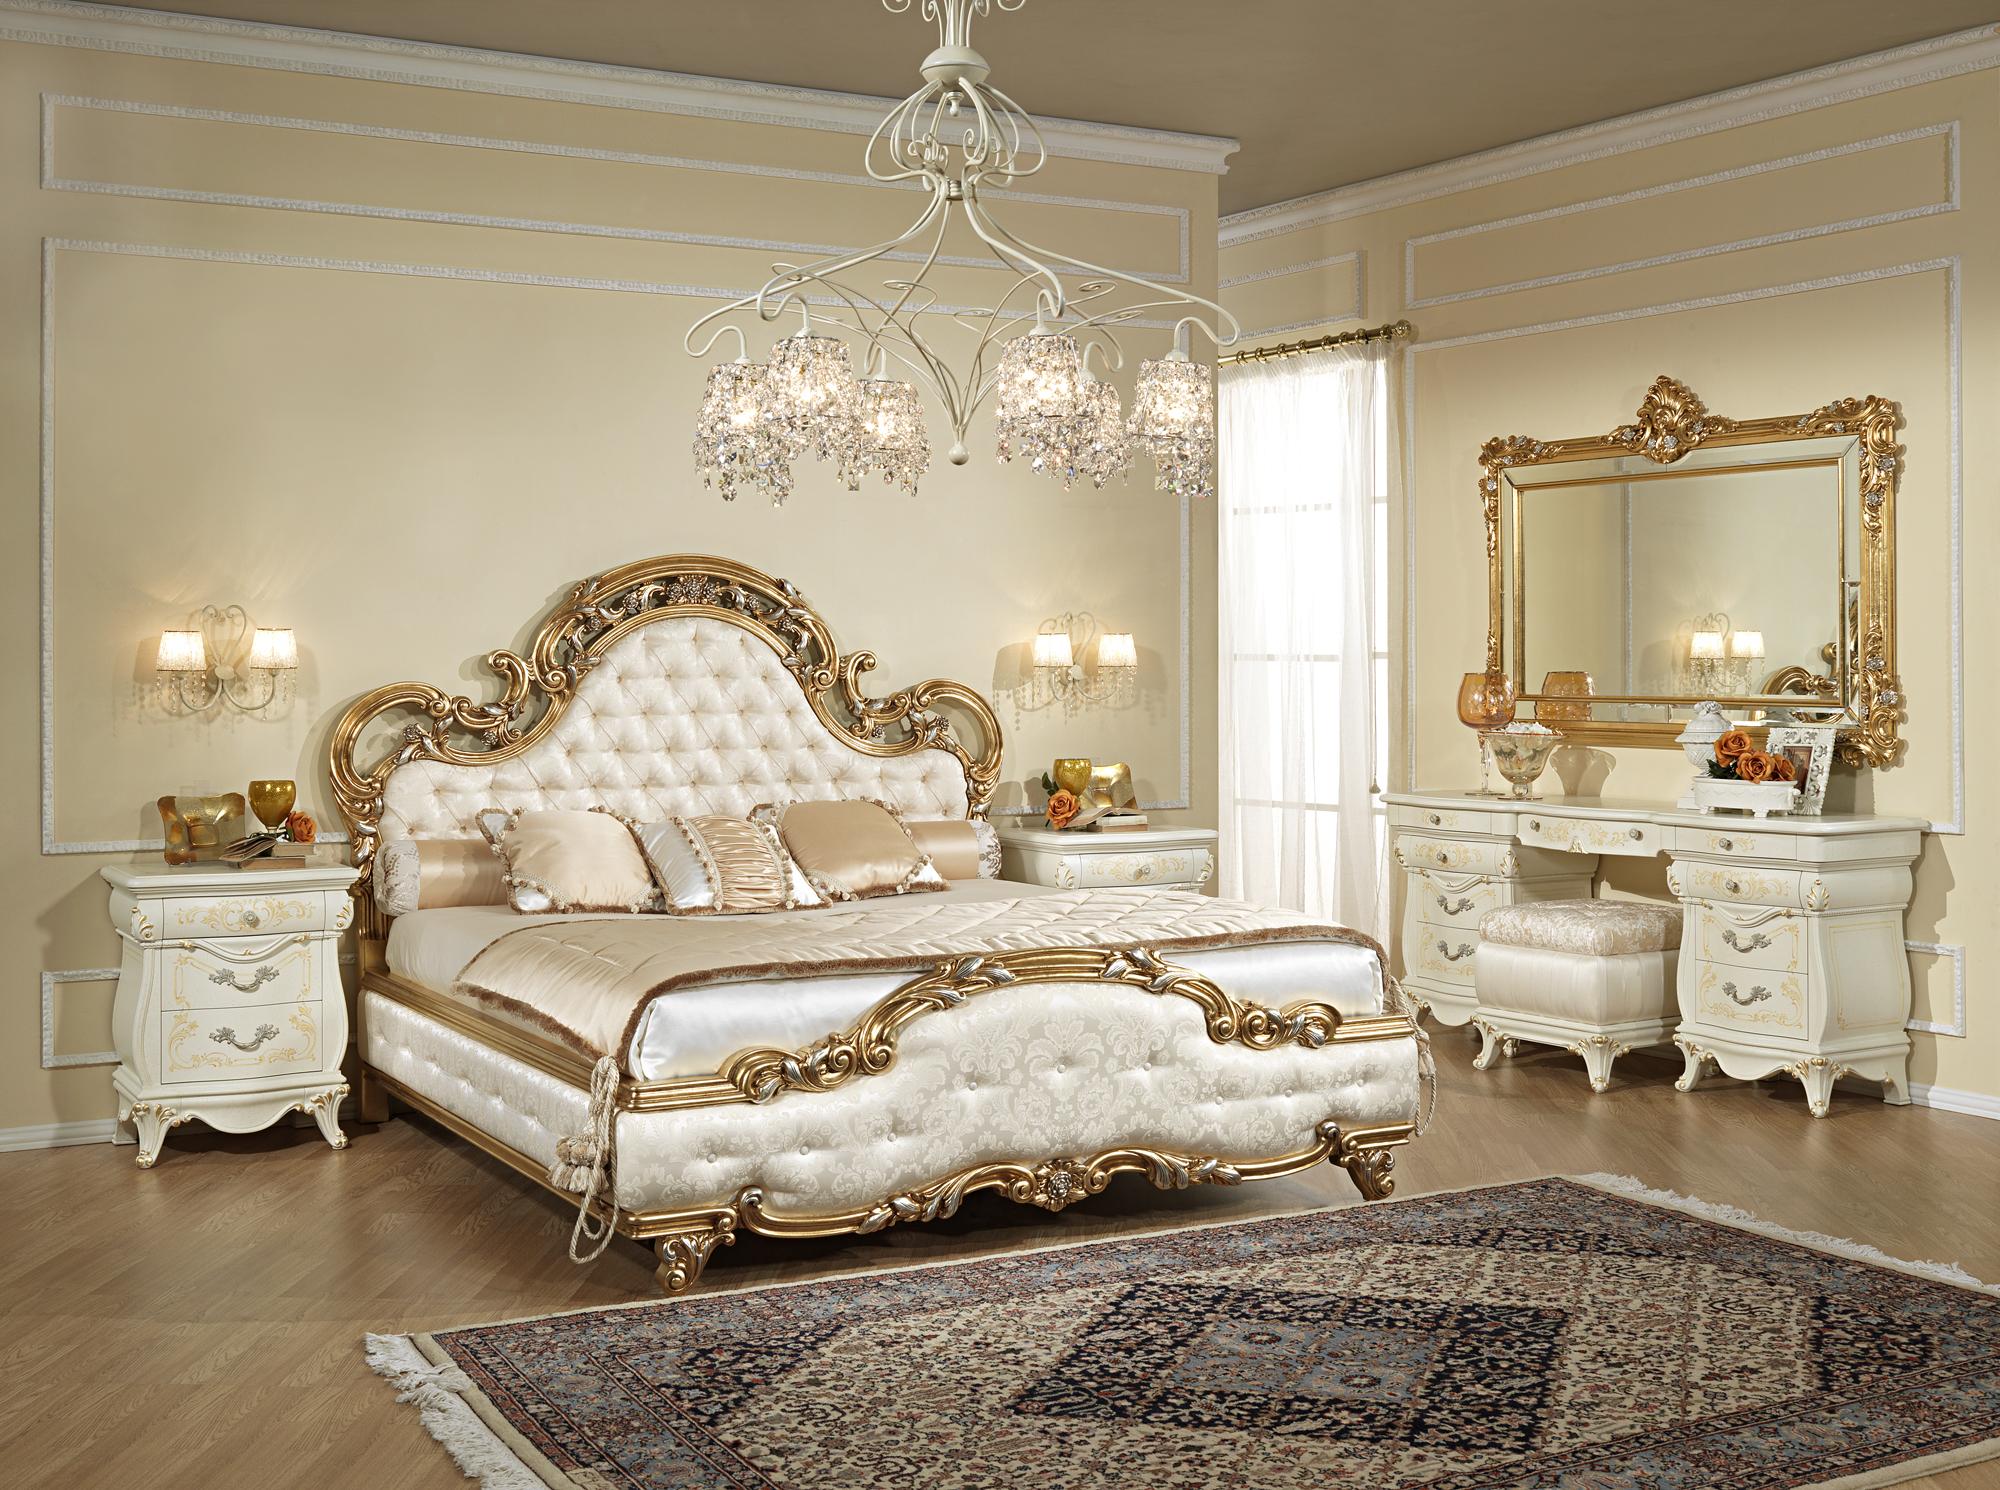 Большая люстра в классическом интерьере спальни